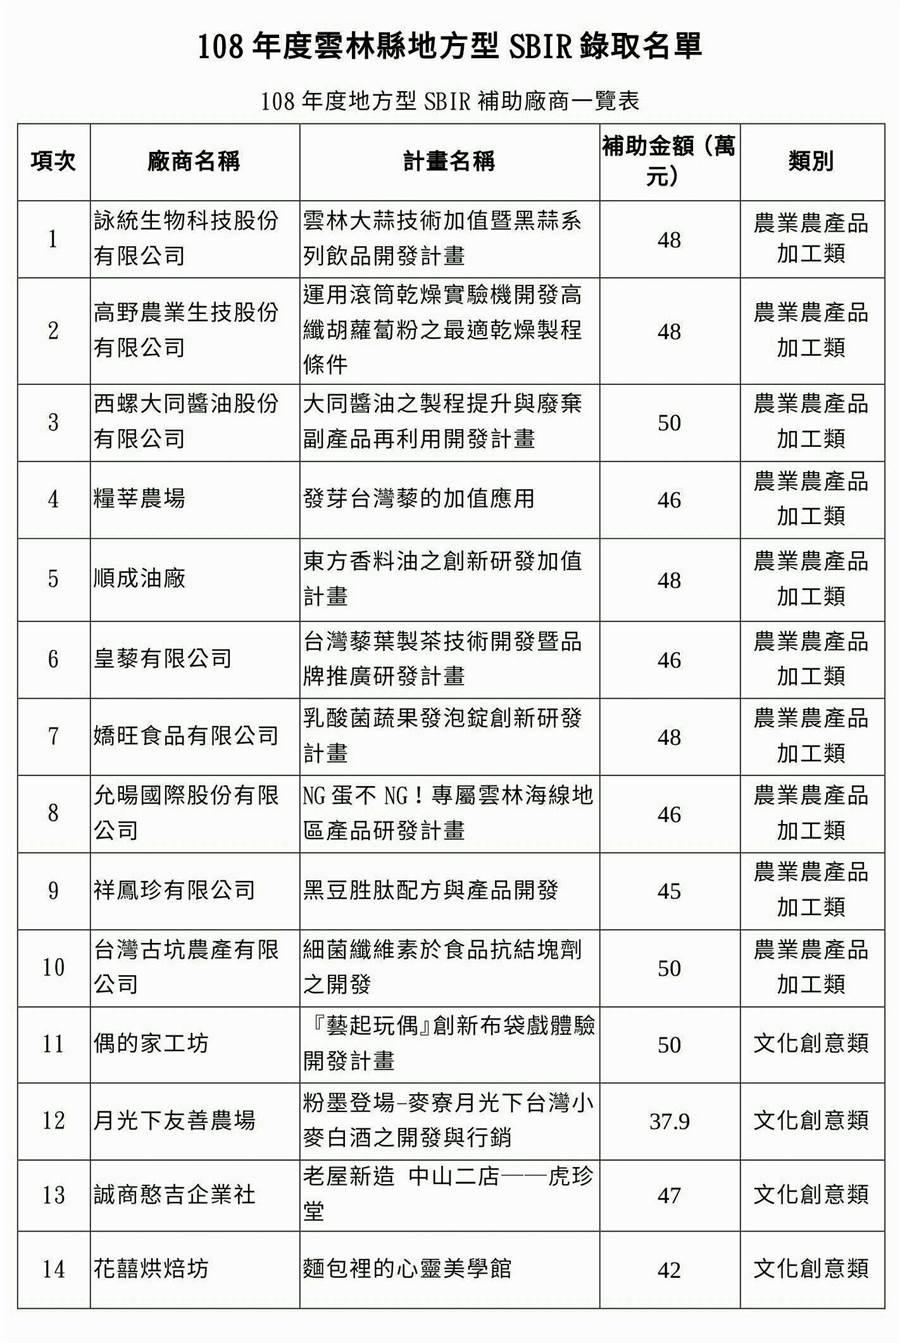 雲林縣政府辦理108年度地方產業創新研發推動計畫(地方型SBIR),甄選結果4日公布,20家脫穎而出。